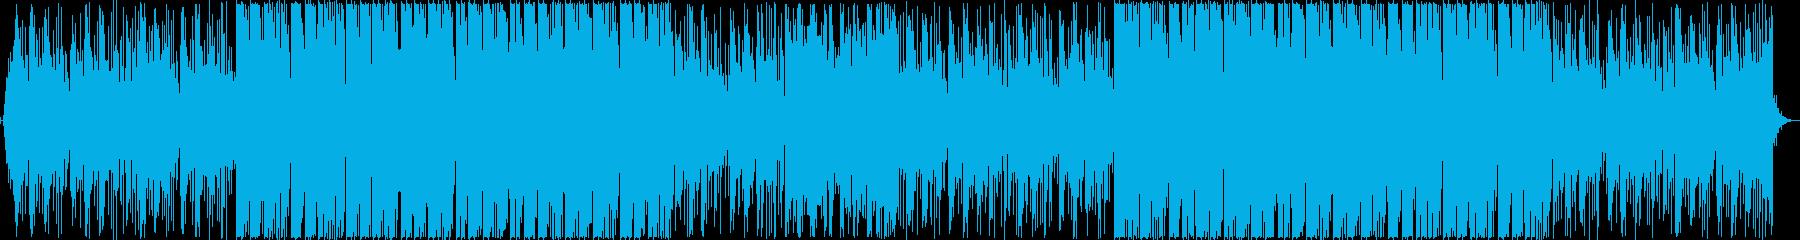 切ないエレクトロBGMの再生済みの波形